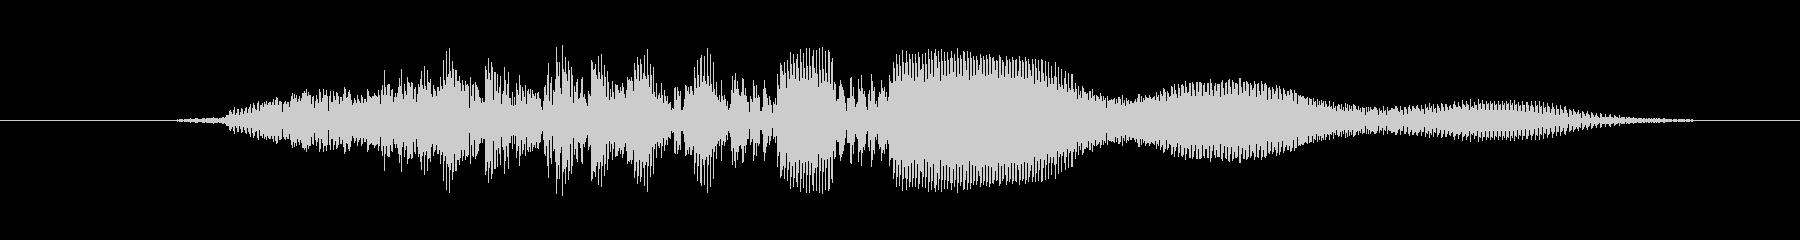 鳴き声 リトルガールラフ01の未再生の波形